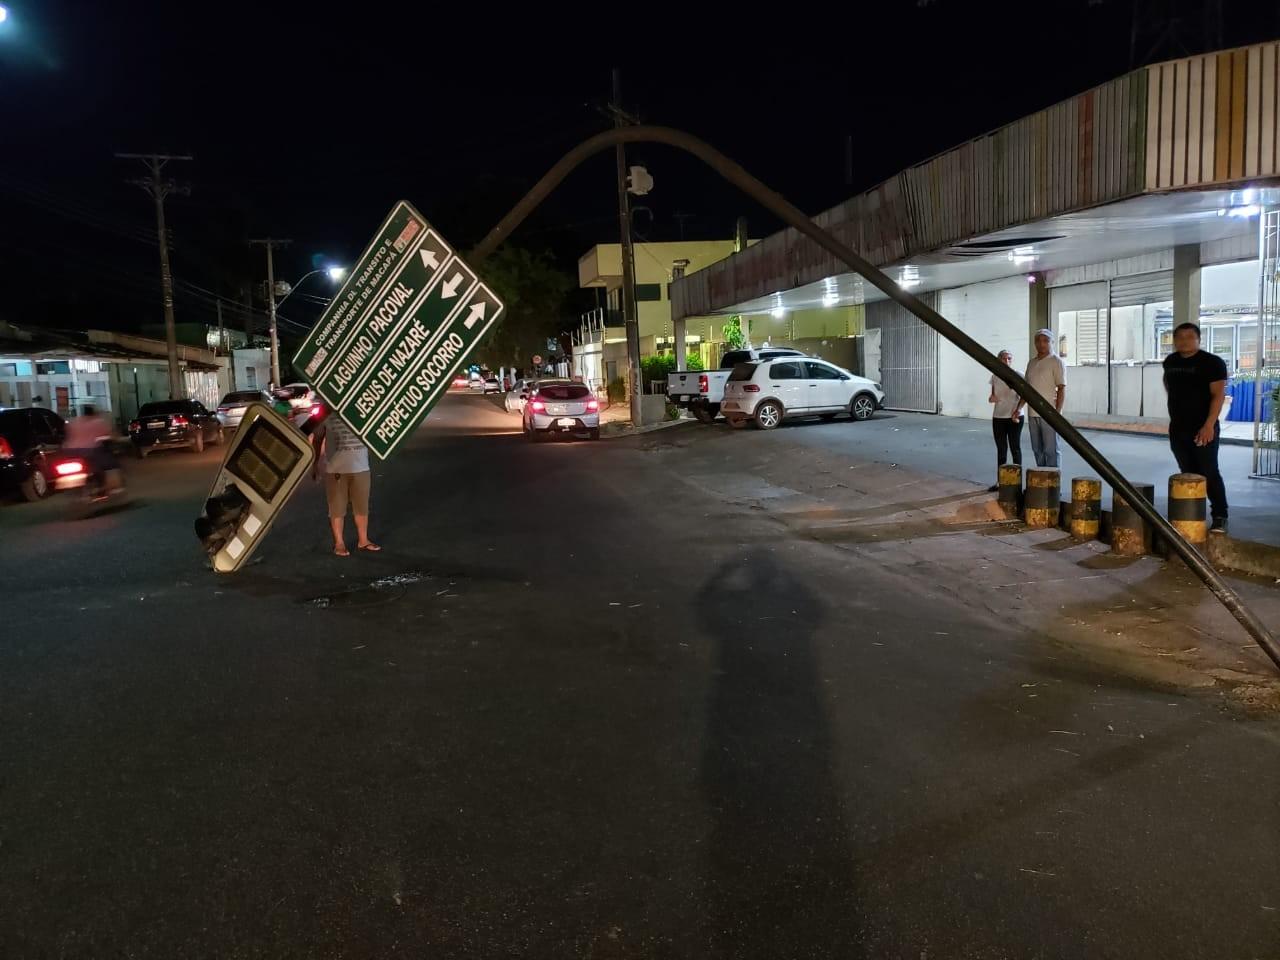 Carreta danifica semáforo em Macapá após colisão; empresa deverá pagar pelo dano